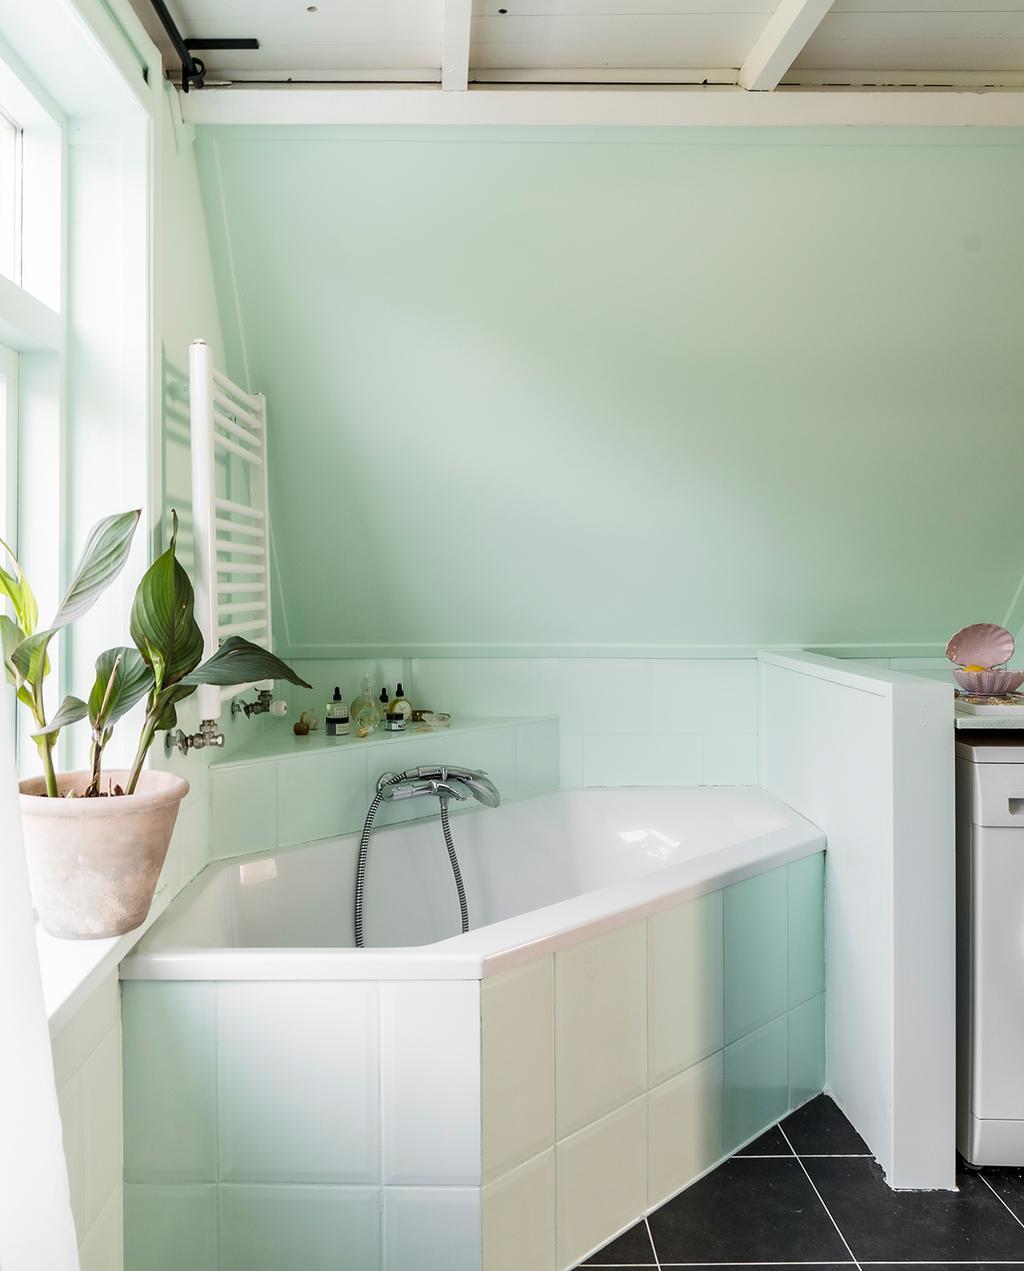 vtwonen special tiny houses 03-2021 | badkamer met een pastel mint kleur en monochrome kleuren groene tegels